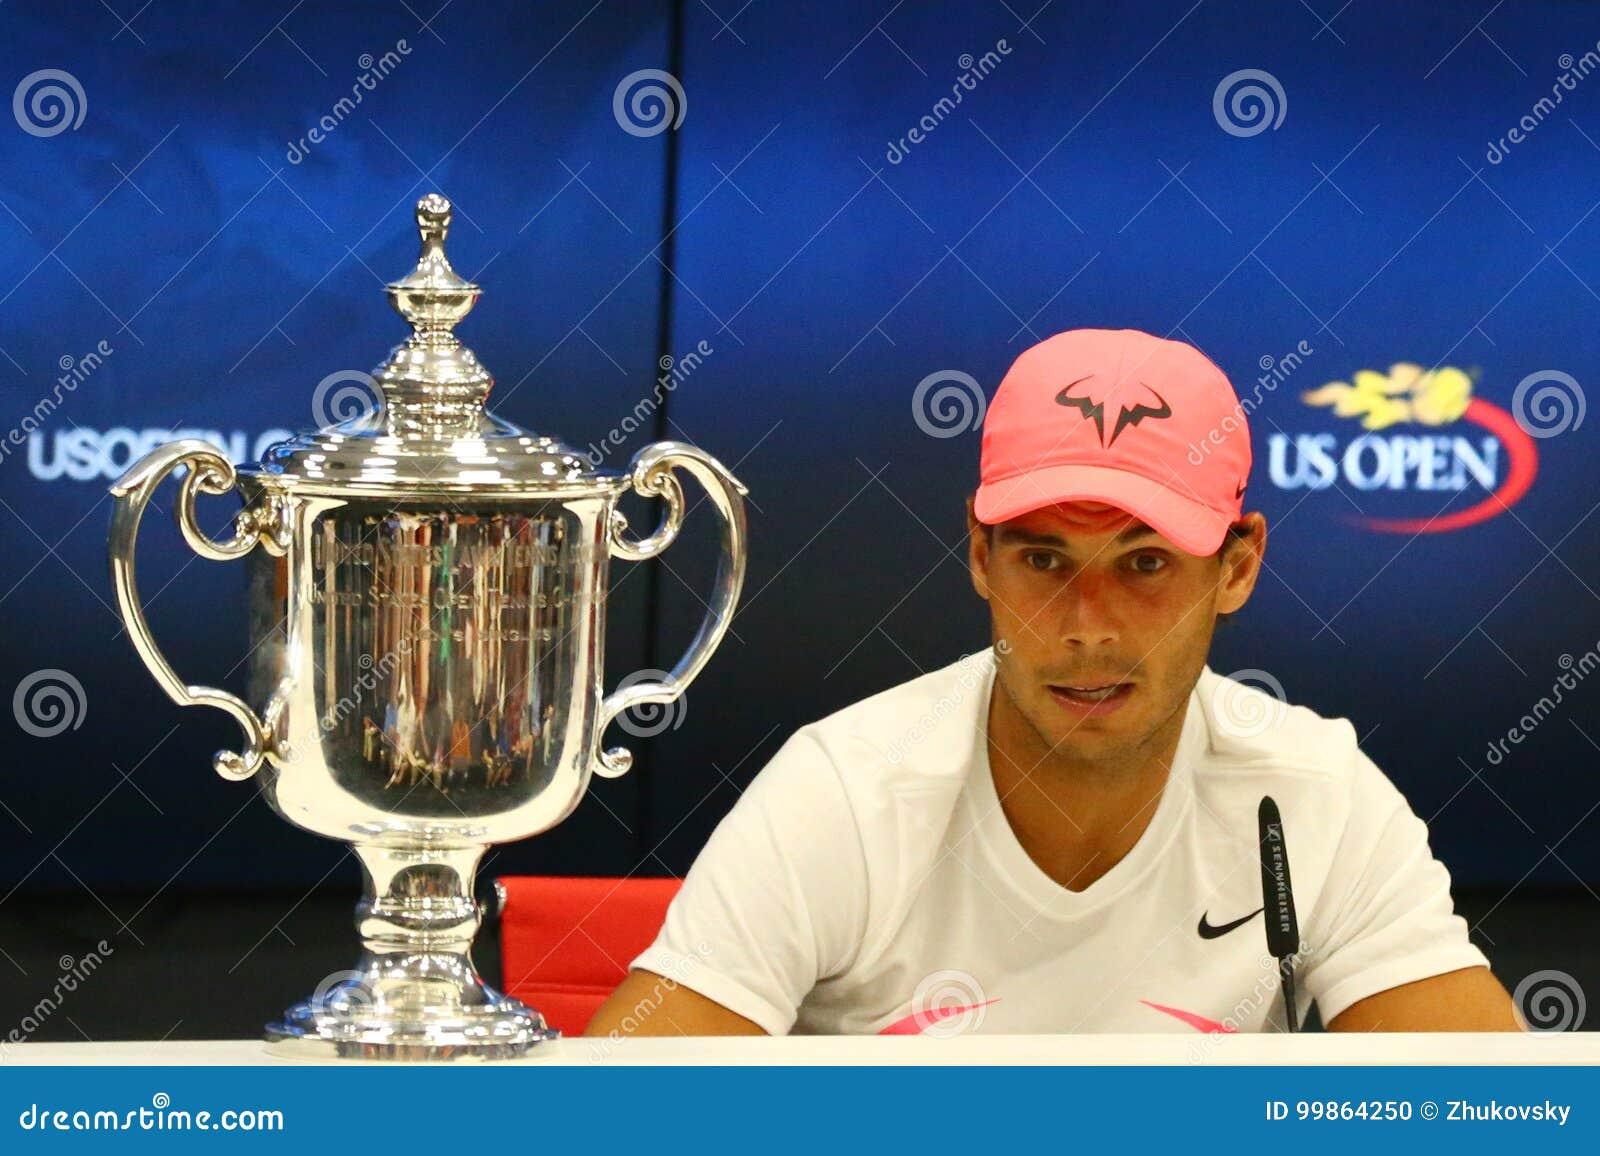 US Open 2017 kampioen Rafael Nadal van Spanje tijdens persconferentie na zijn definitieve gelijkeoverwinning tegen Kevin Andersen